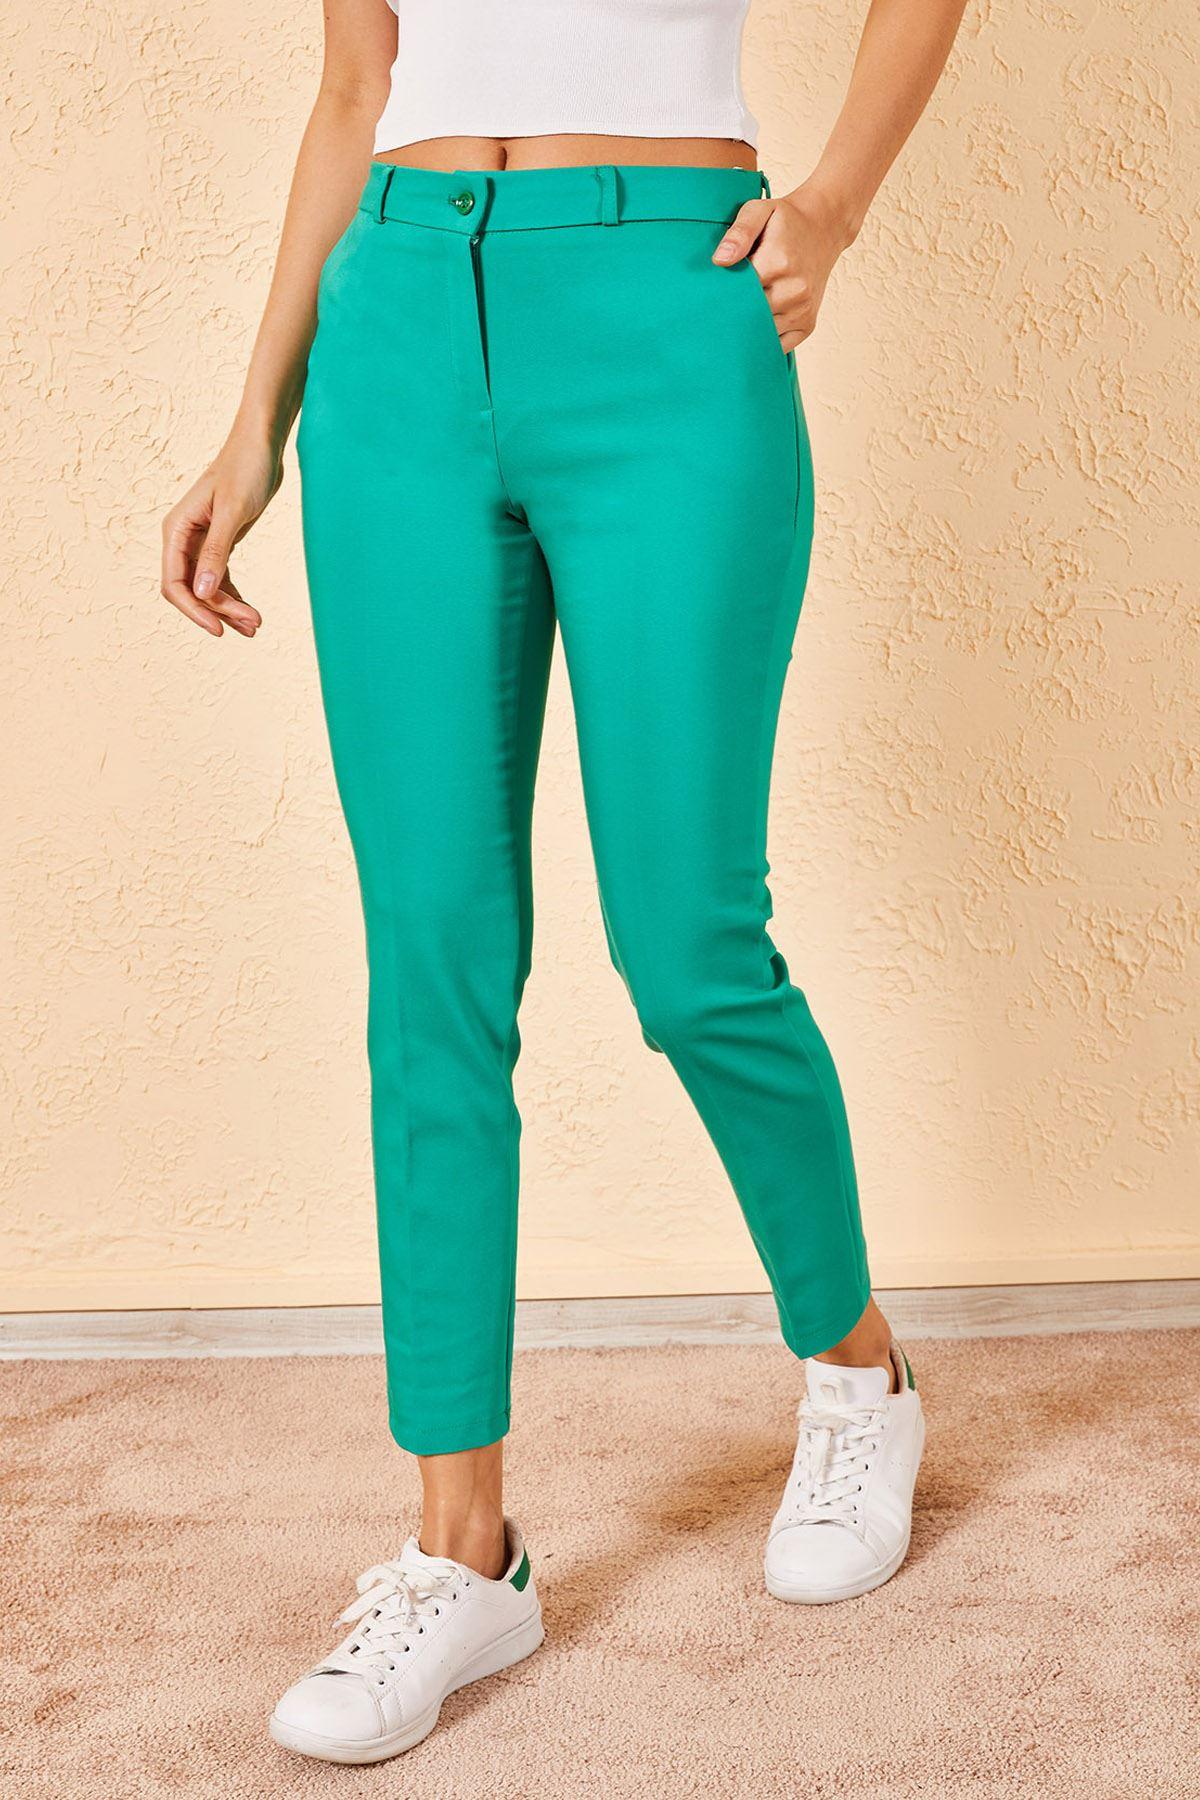 Kadın Kalem Yeşil Pantolon